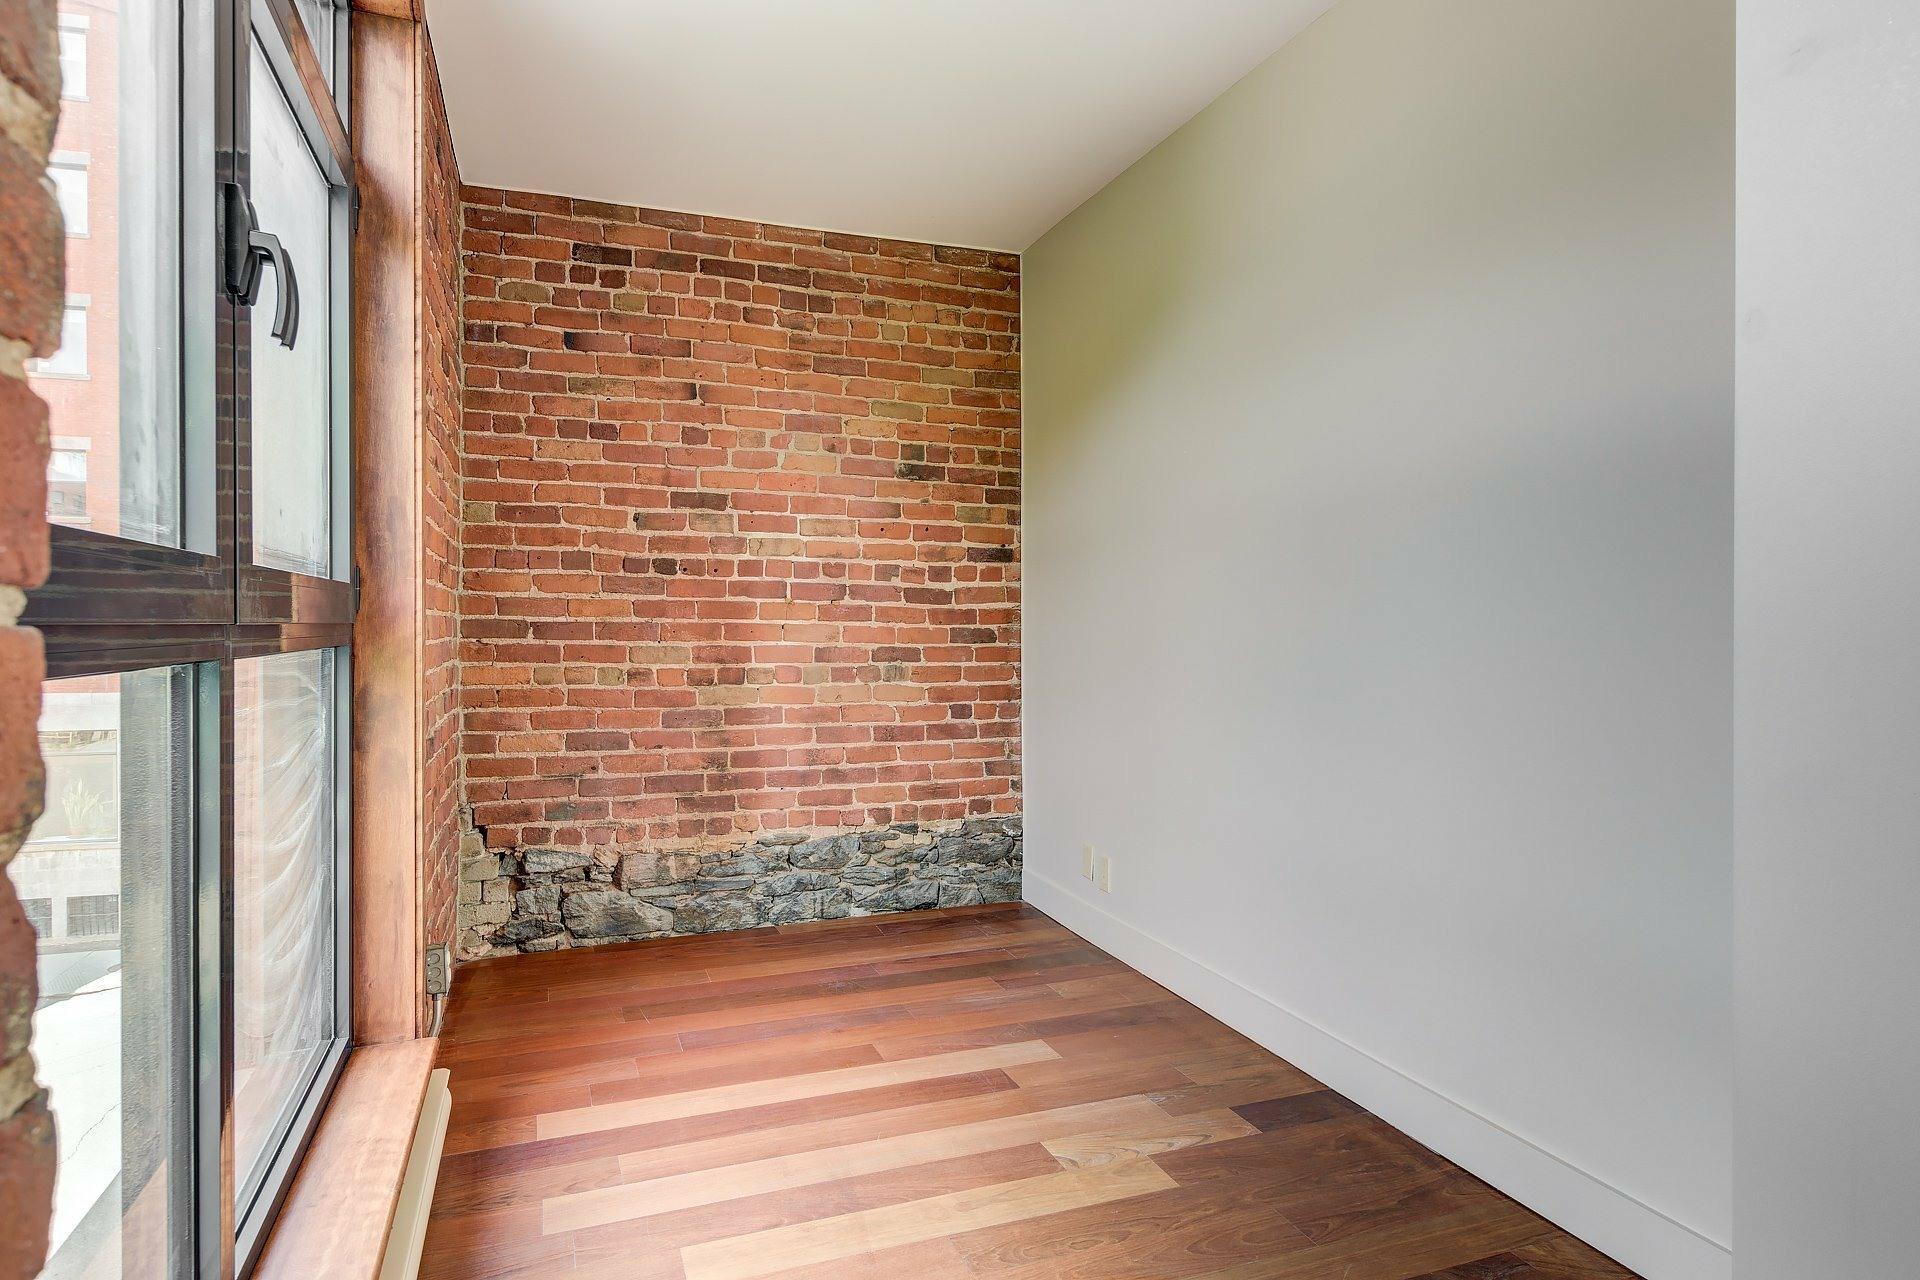 image 8 - Apartment For rent Ville-Marie Montréal  - 4 rooms